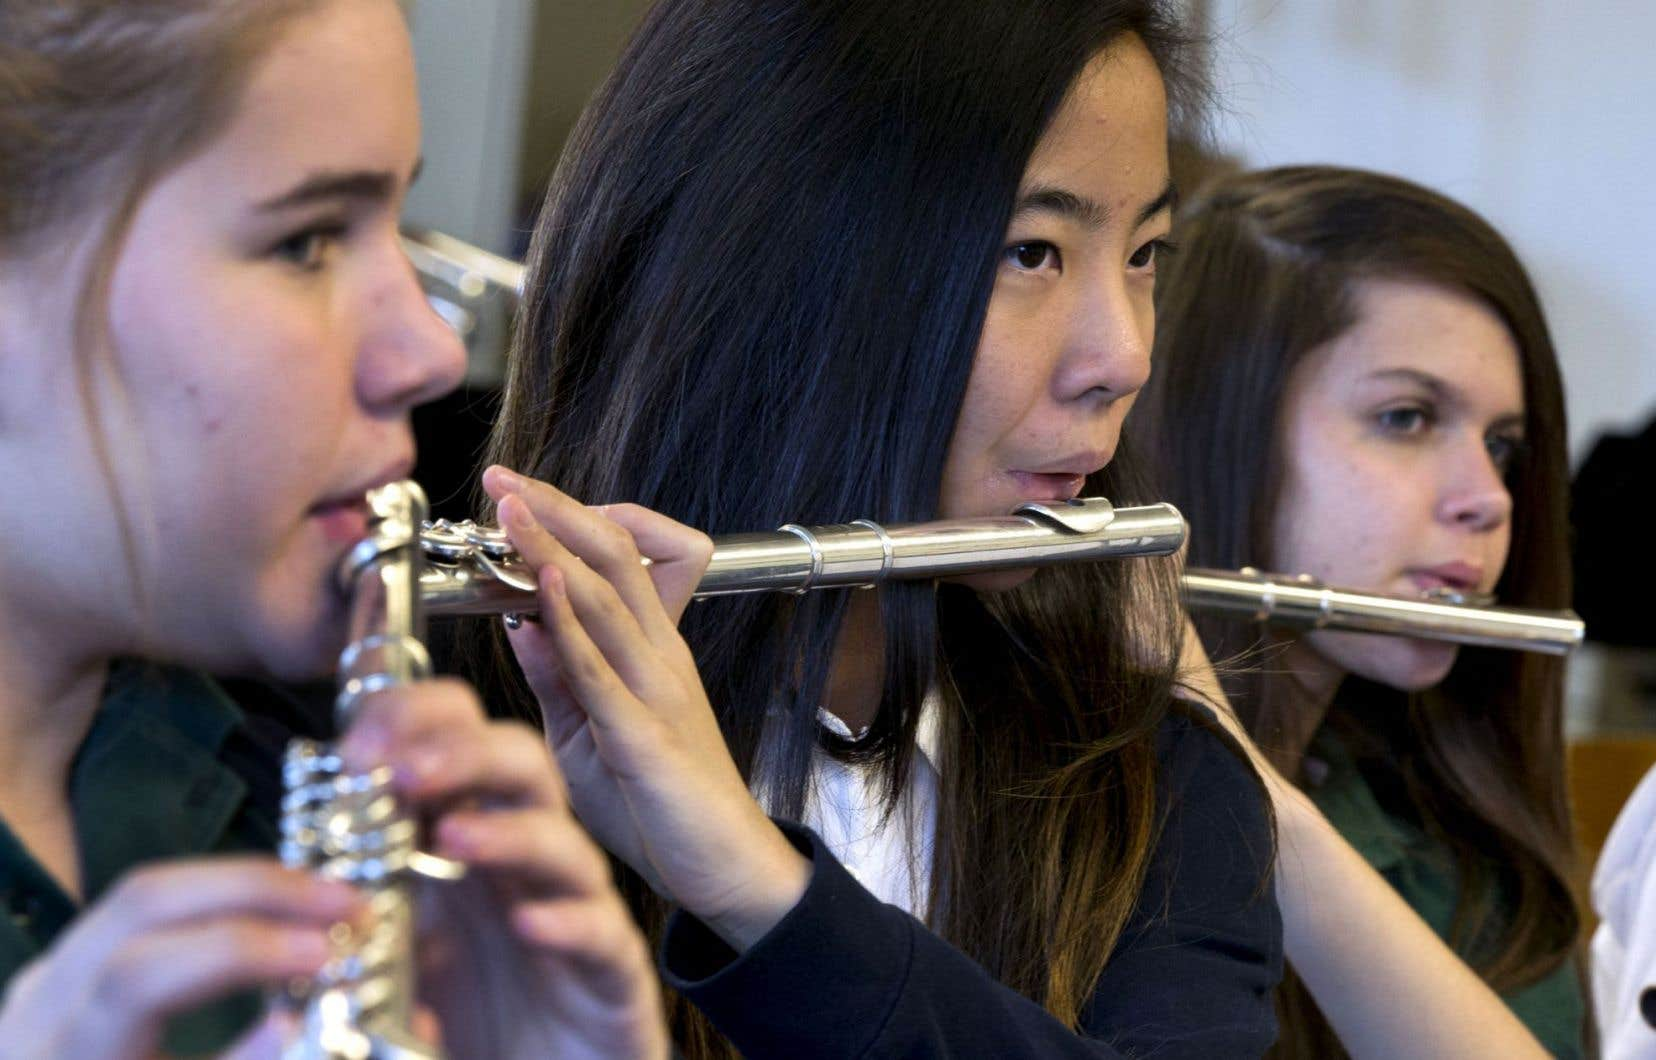 Passionné de musique, de science, de sport? Tout élève de la Commission scolaire Marie-Victorin trouvera une école qui correspond à ses goûts.